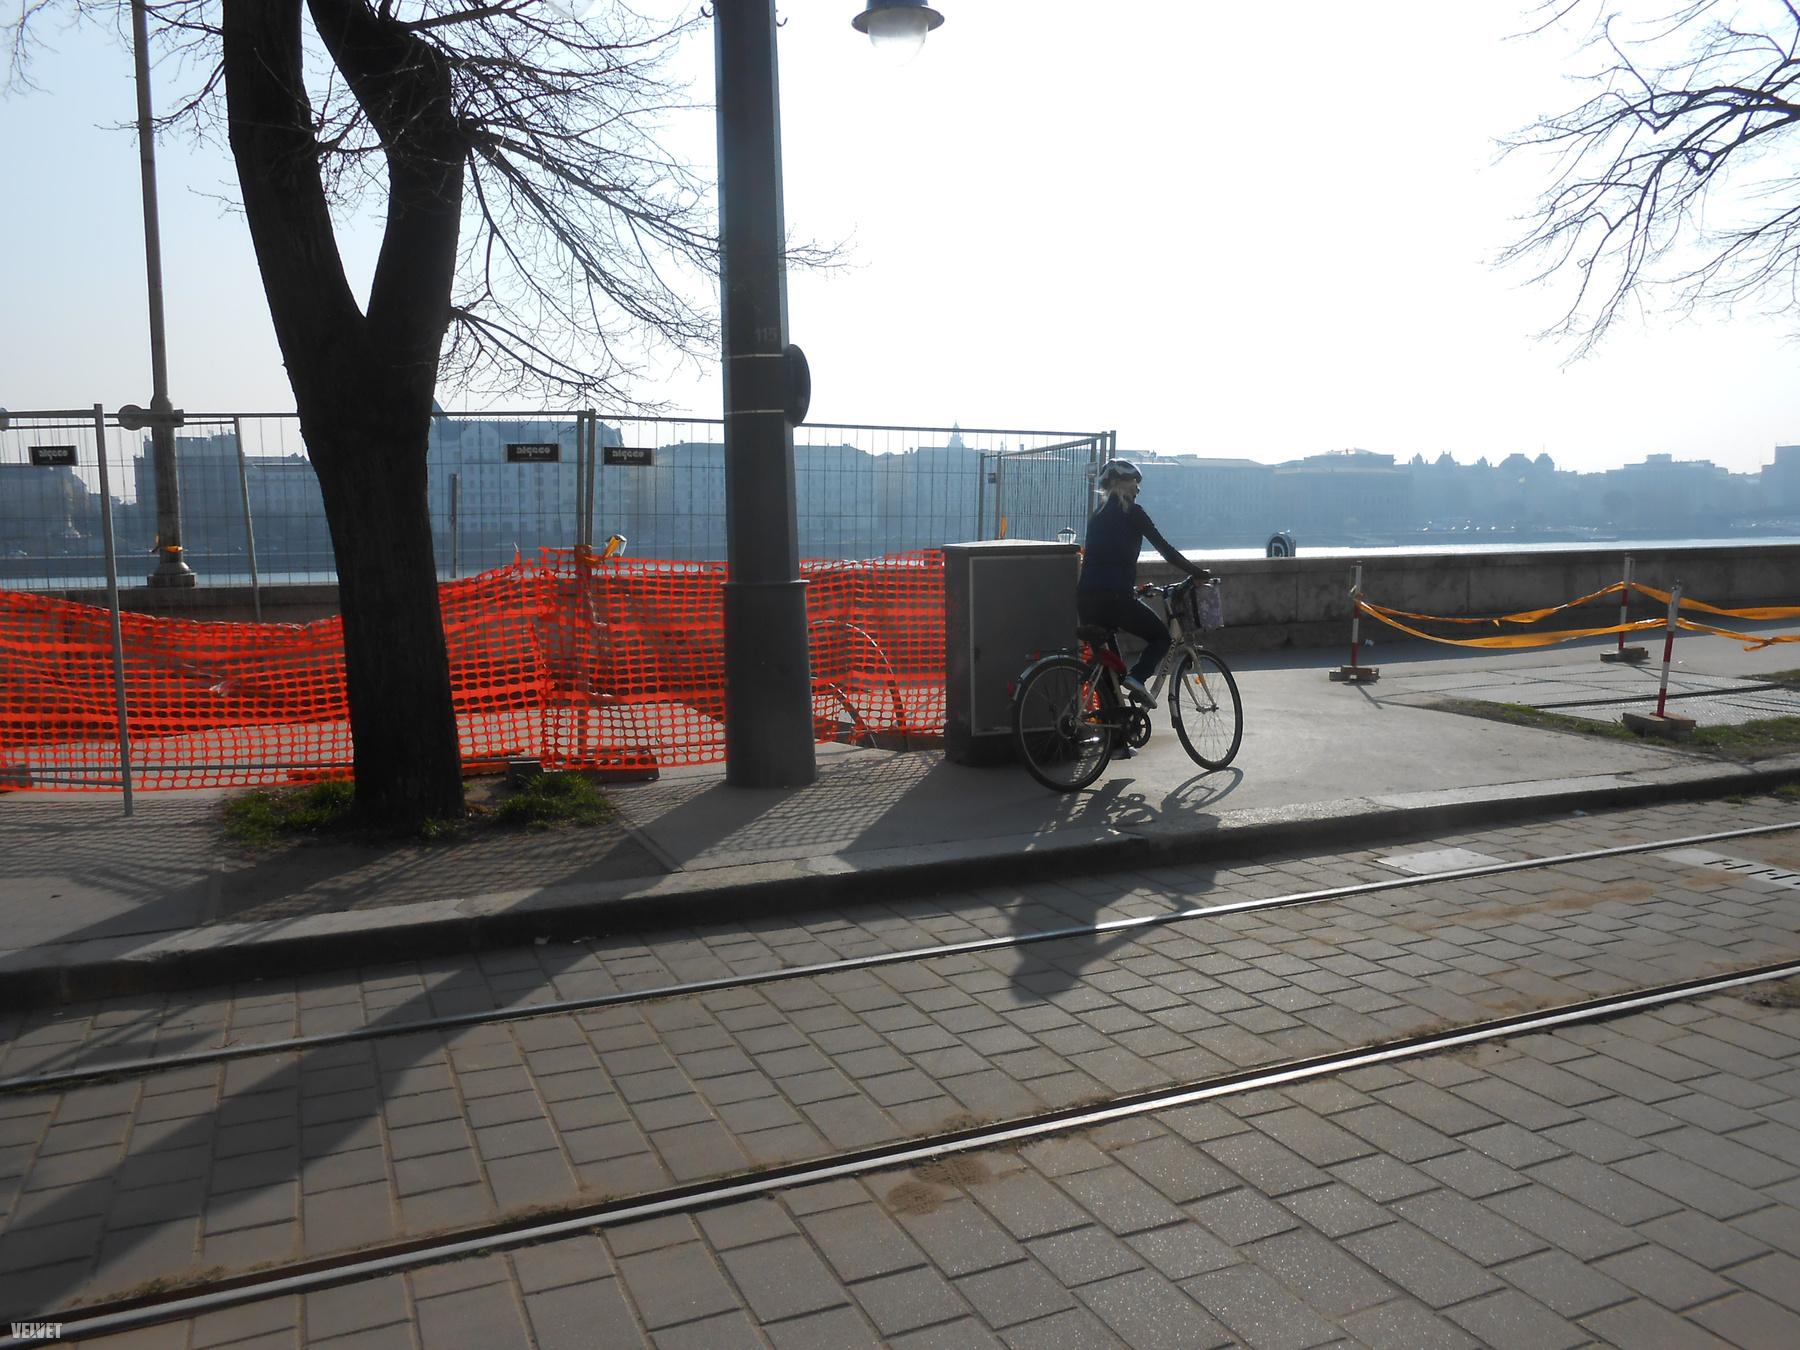 Végül a rakparti lehajtó környékén több, lámpával védett zebrán át jut vissza a biciklis a rakparti kerékpárútra, irány Óbuda!